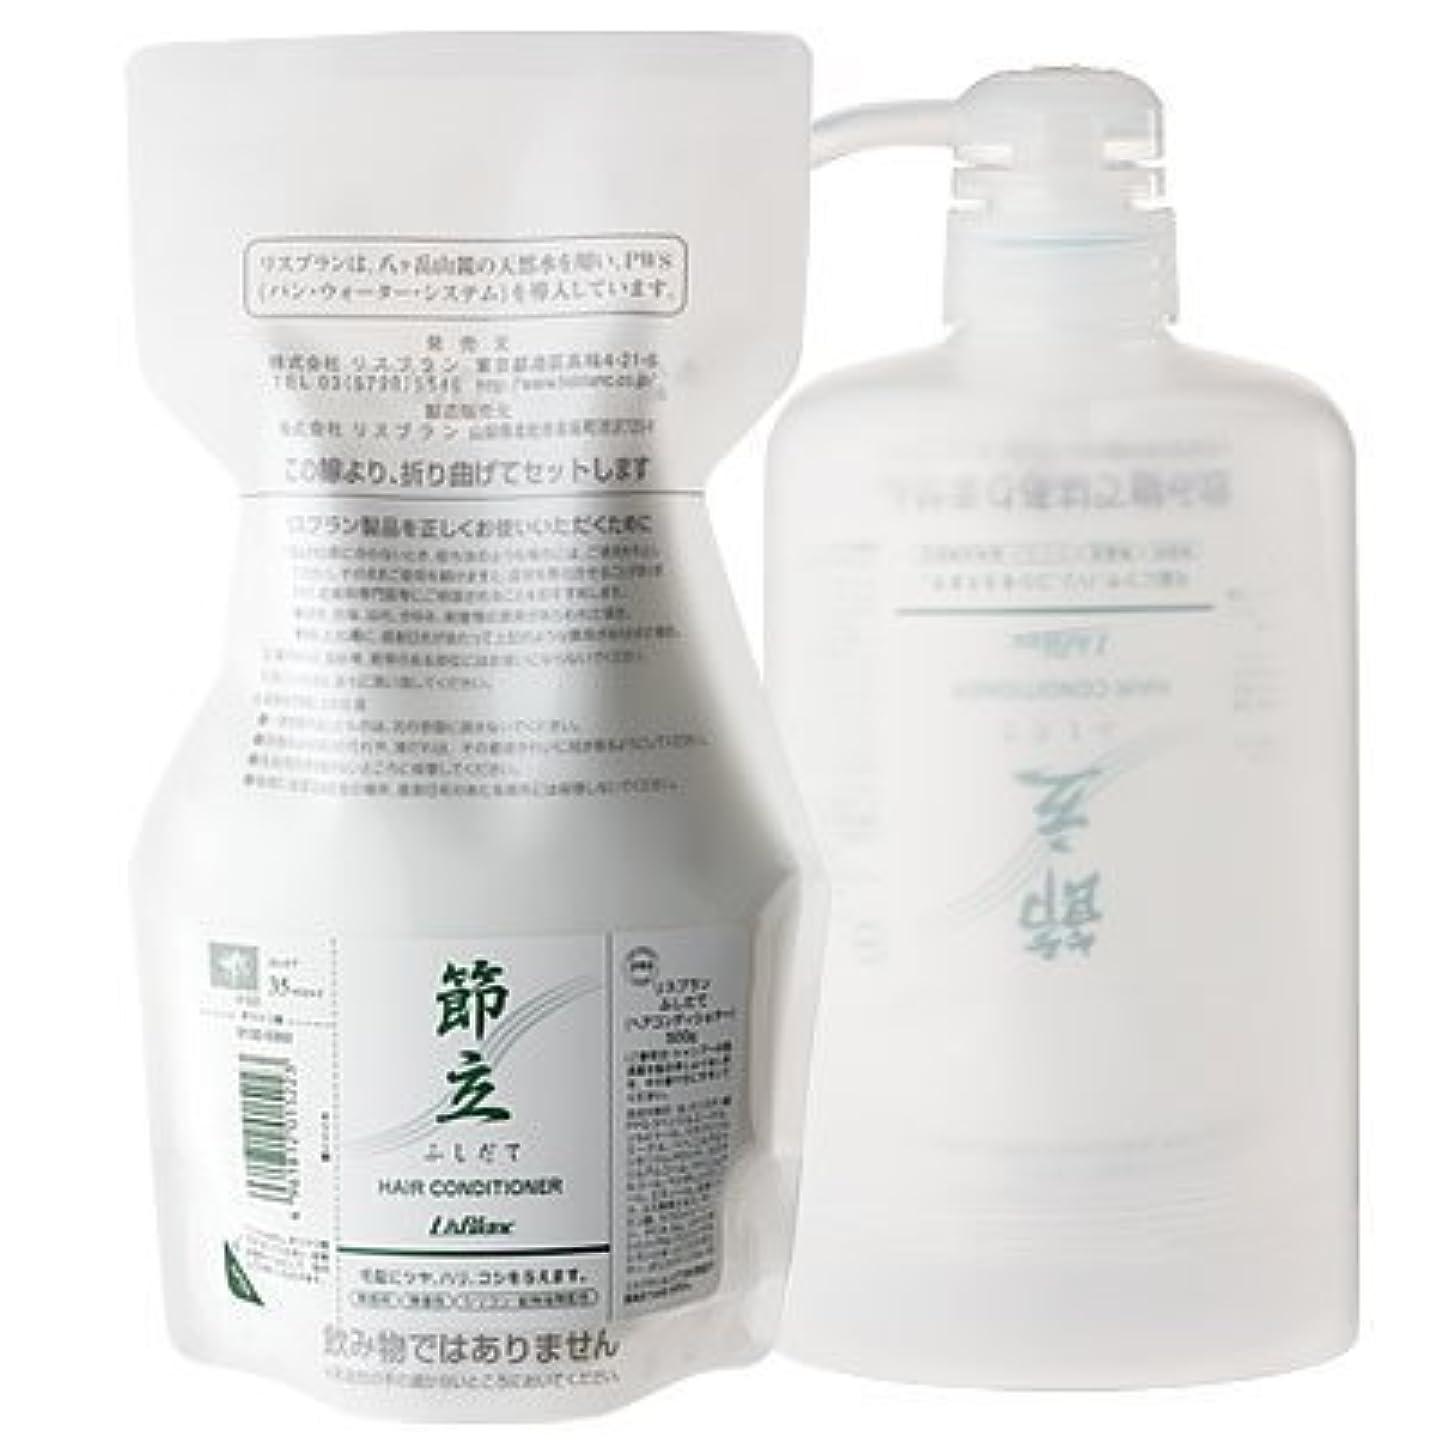 連合誠意思春期のリスブラン 節立(ふしだて) 500g ヘアコンディショナー 省資源パウチ袋タイプ